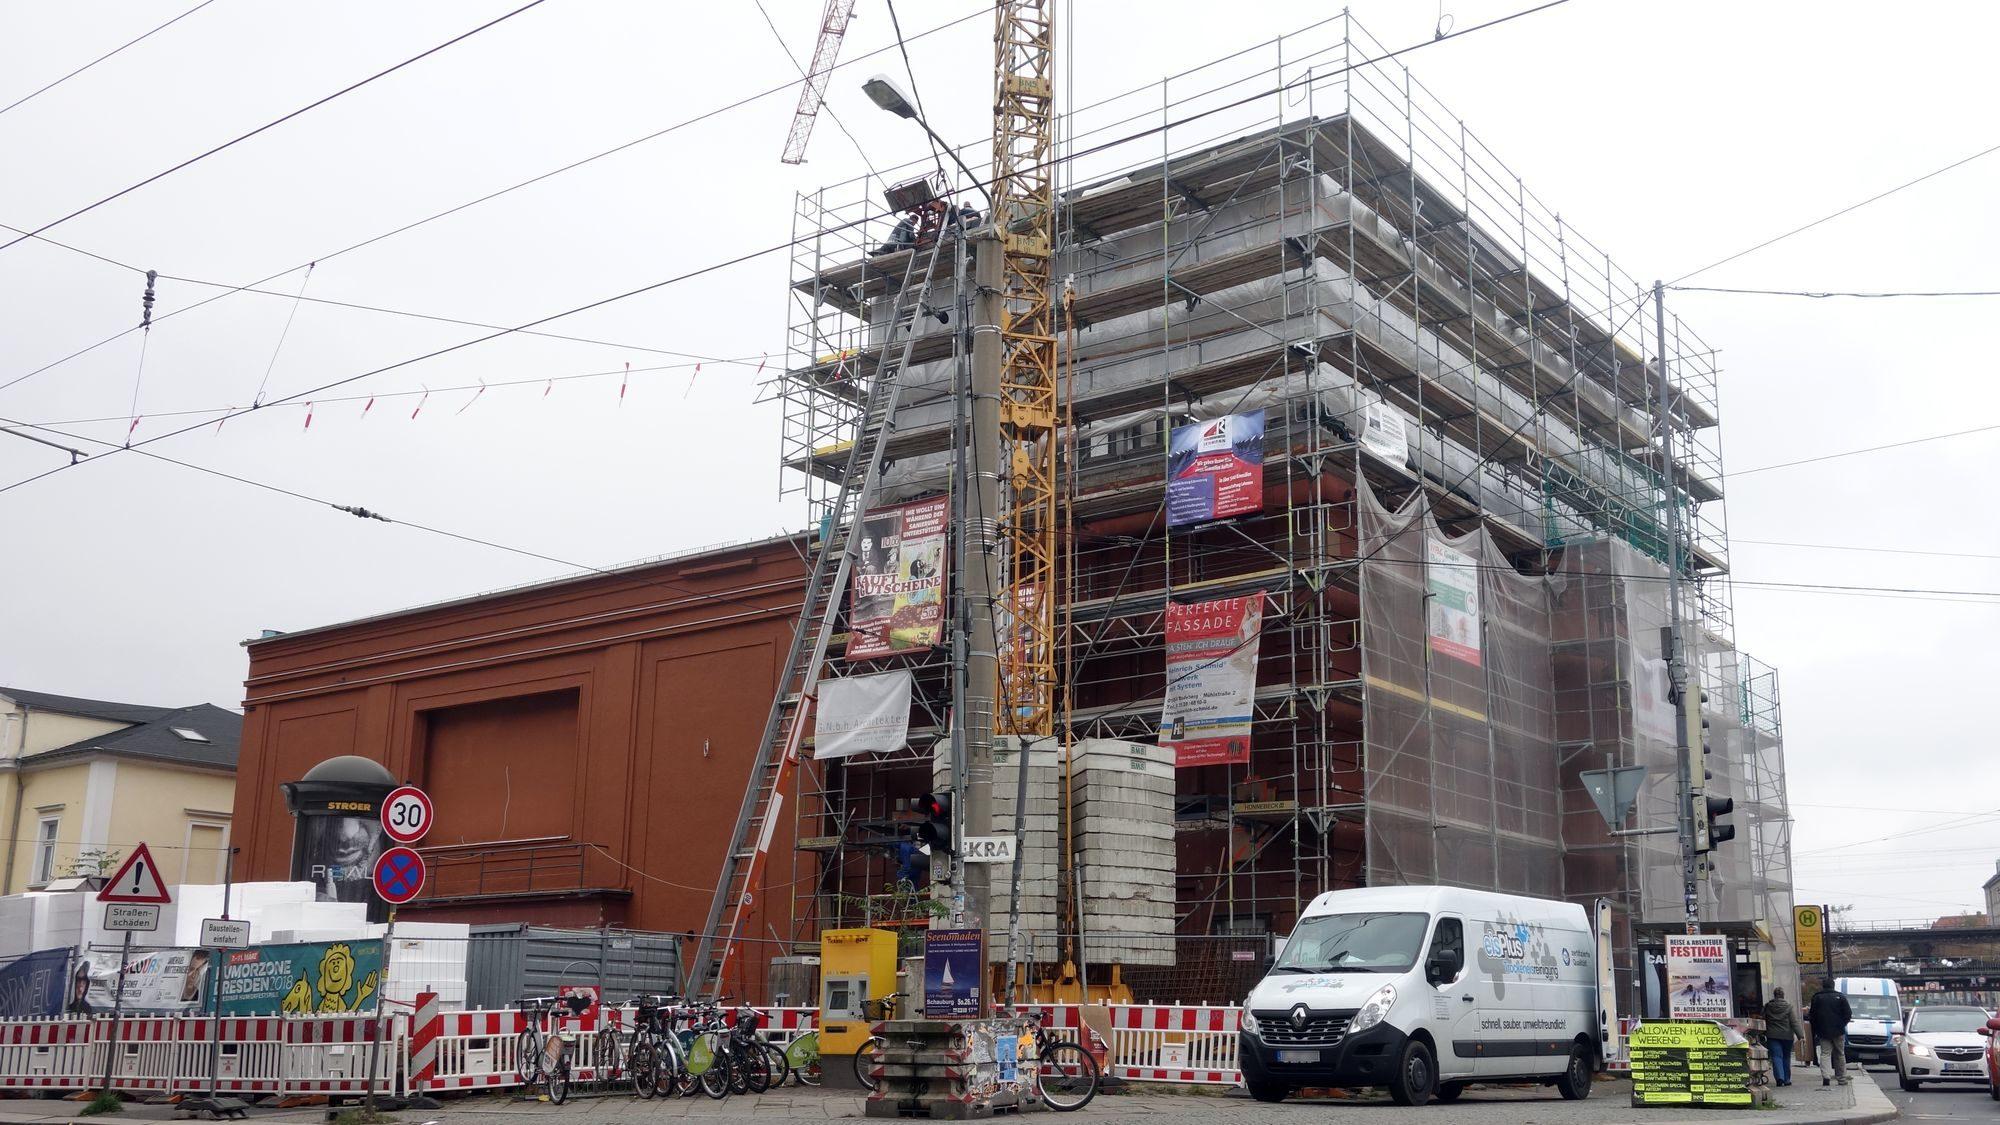 Schauburg: Lesung in der Baustelle